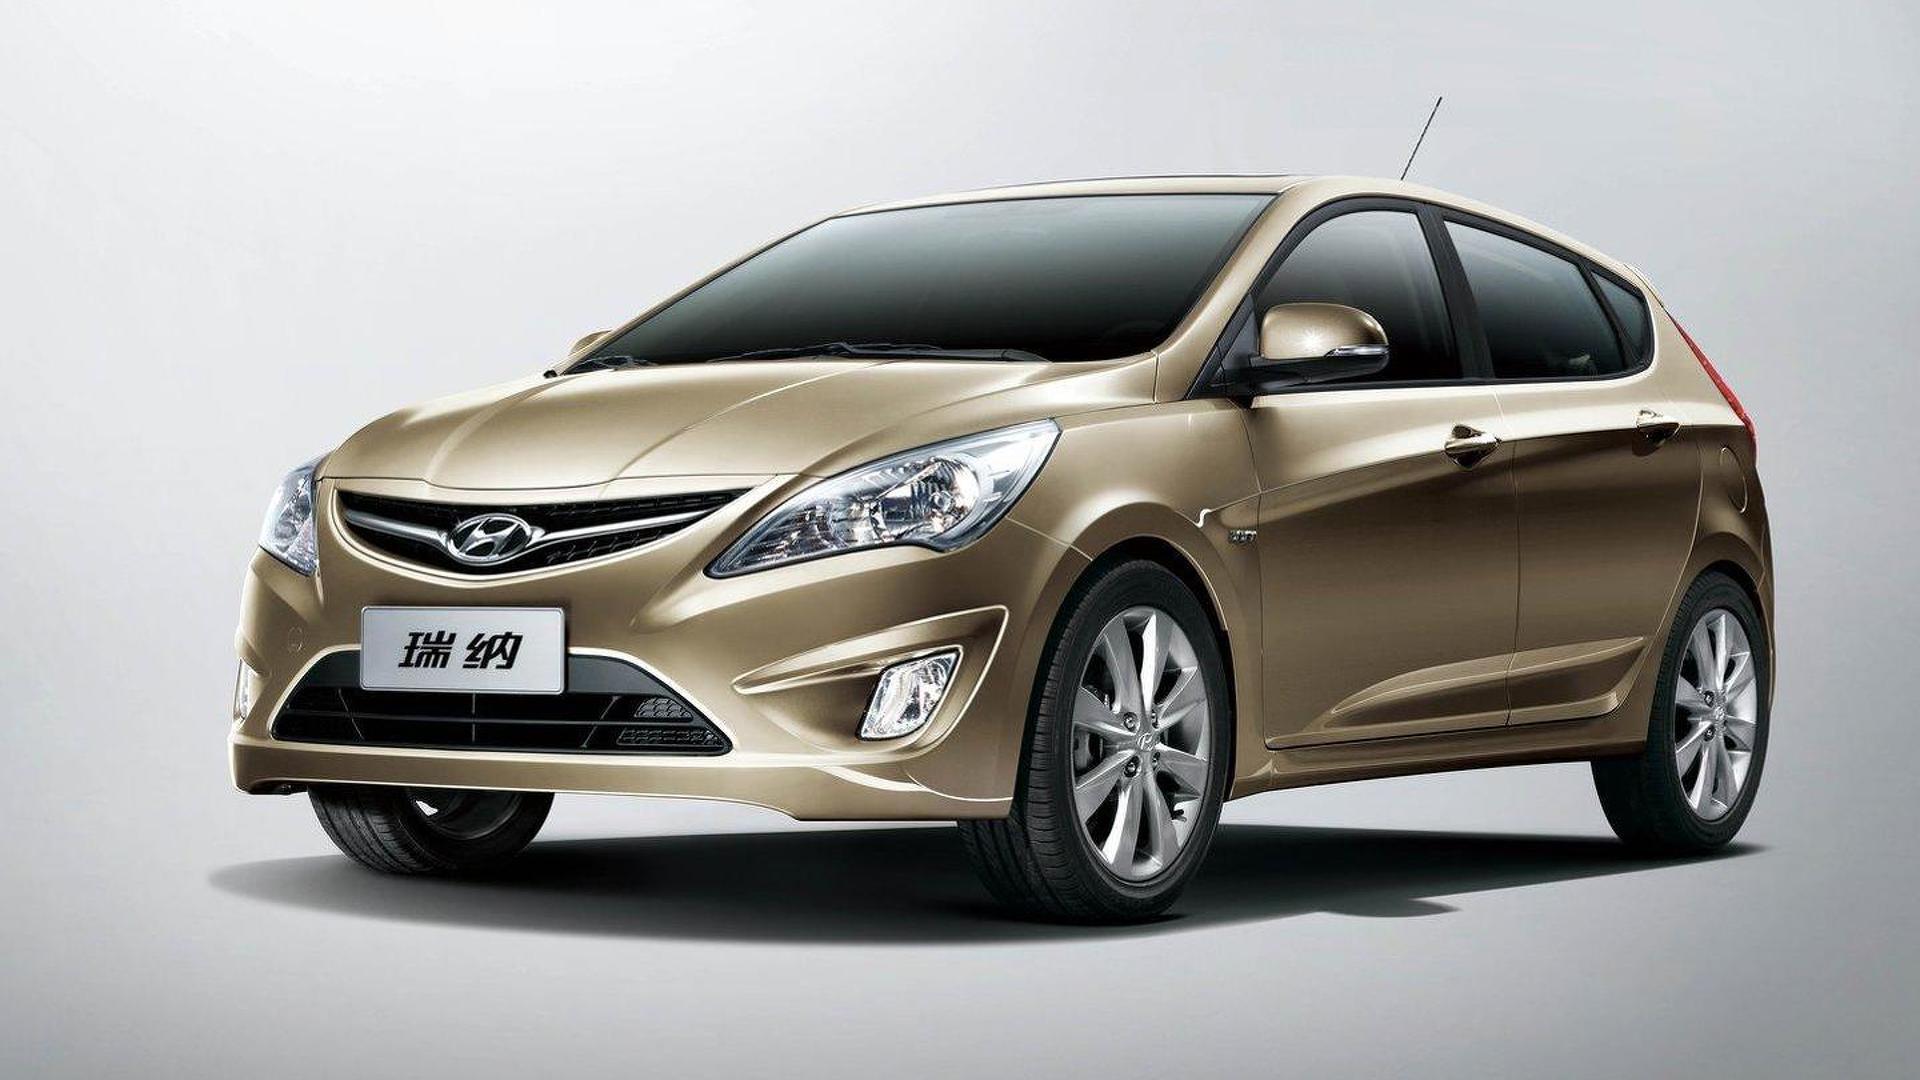 Hyundai Verna 5 Door Revealed In China